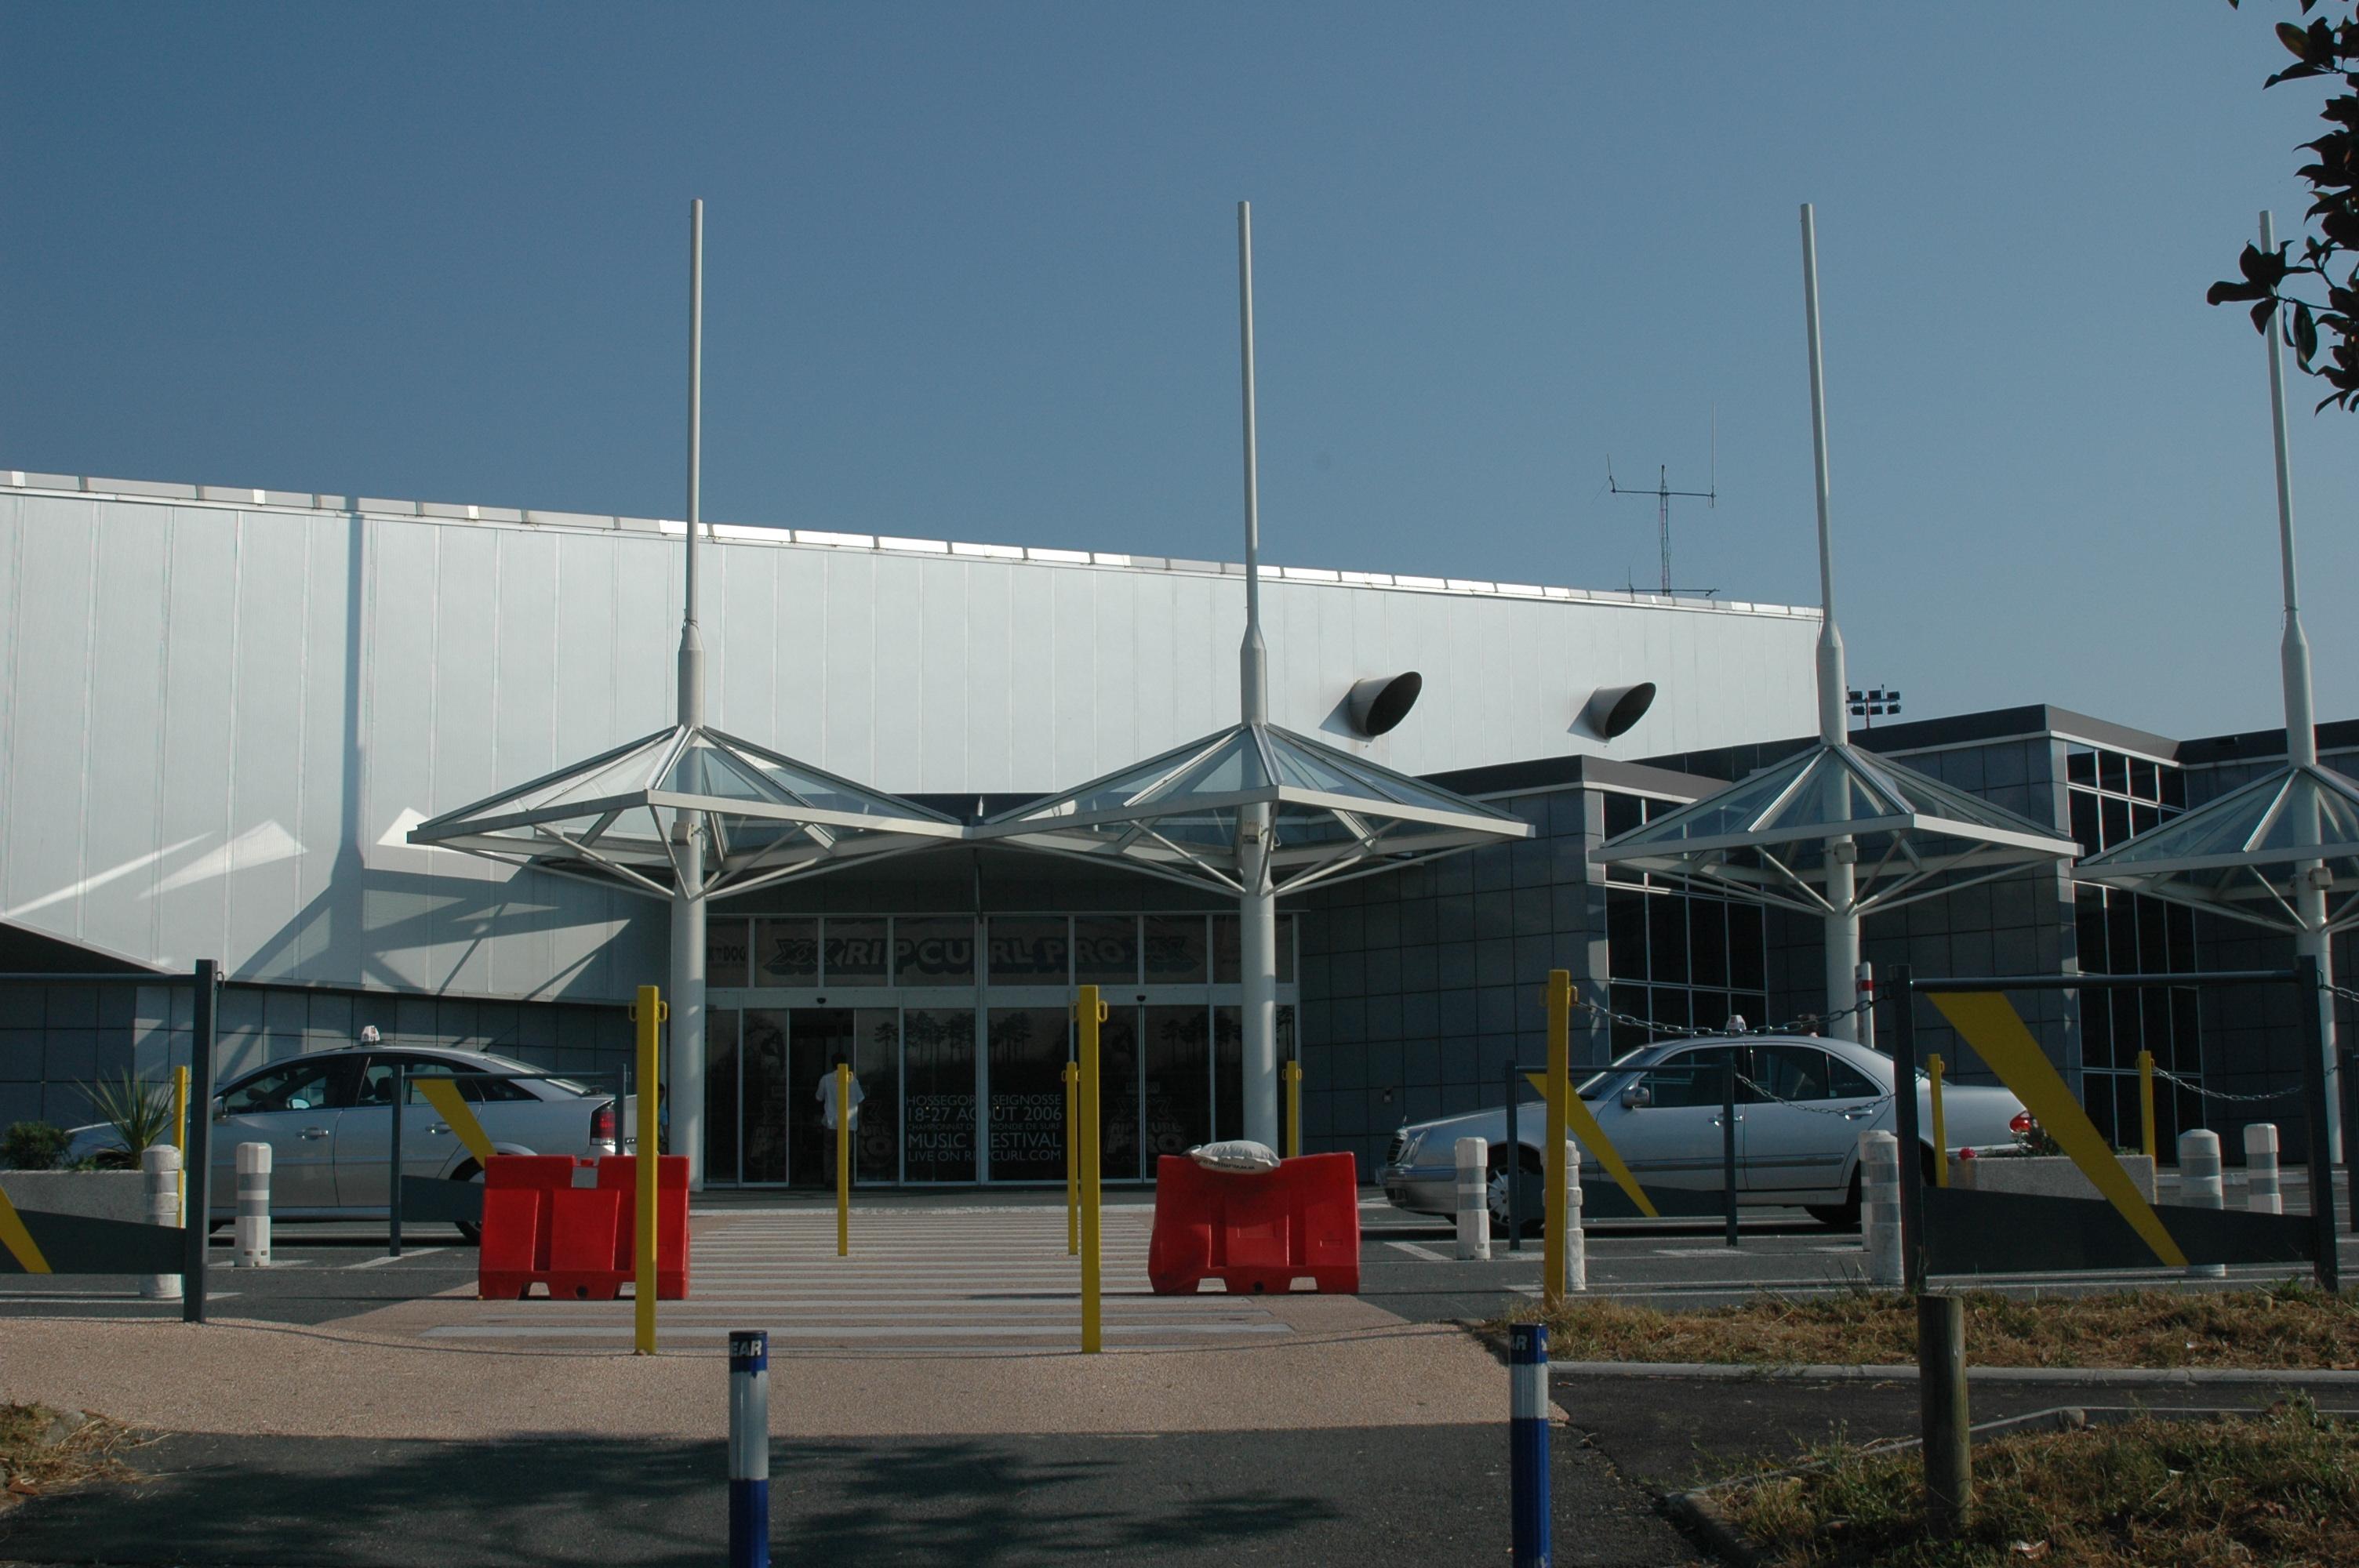 Aéroport de Biarritz-Pays basque